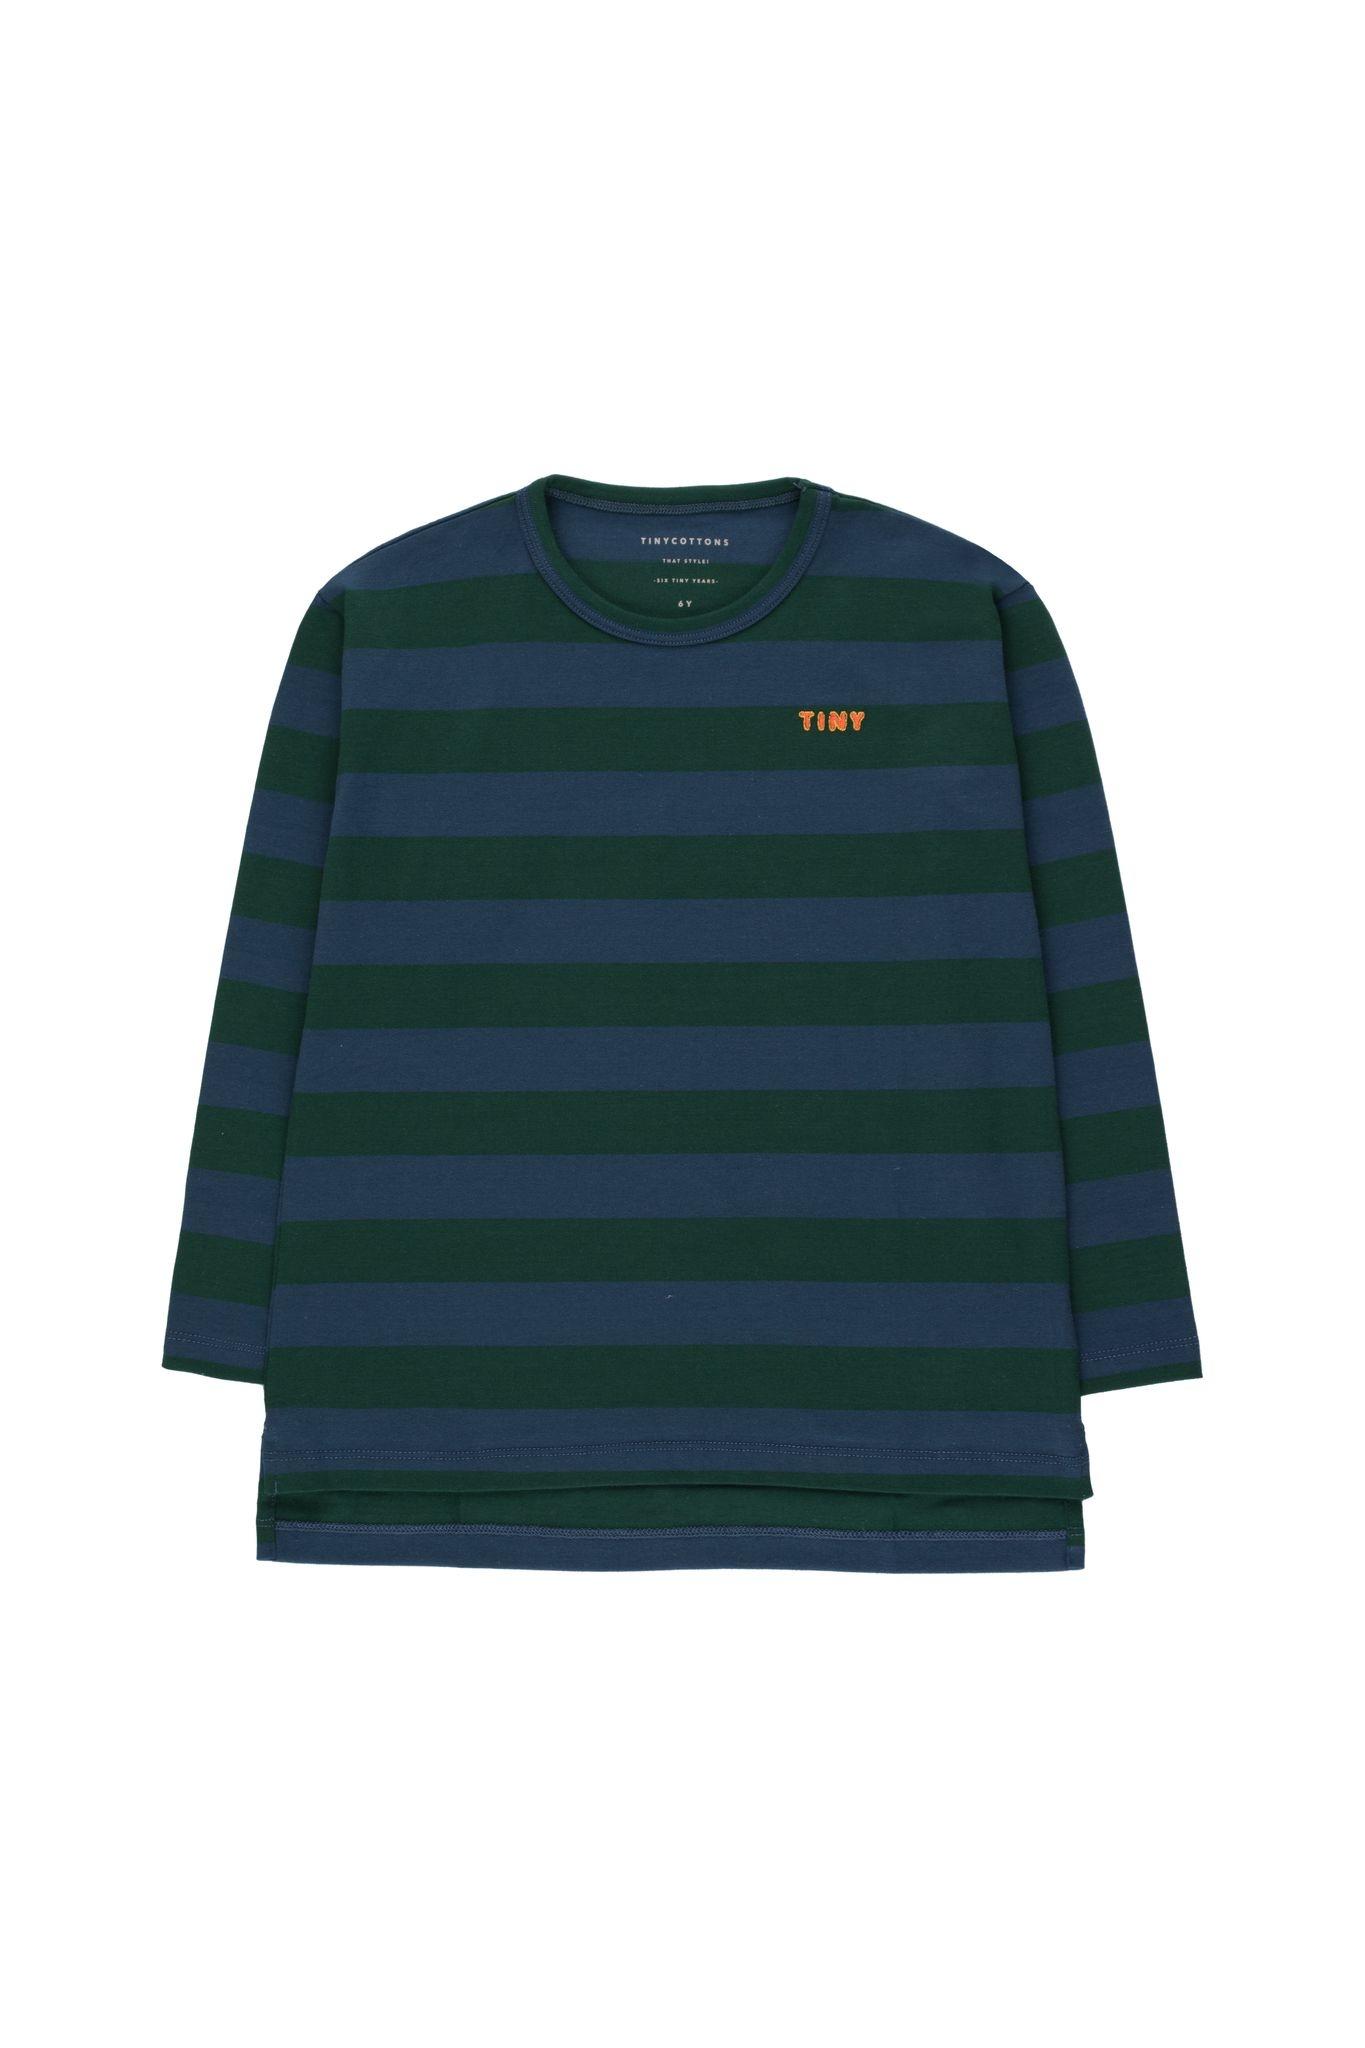 Tiny stripes tee - Dark Green/ Light Navy-1